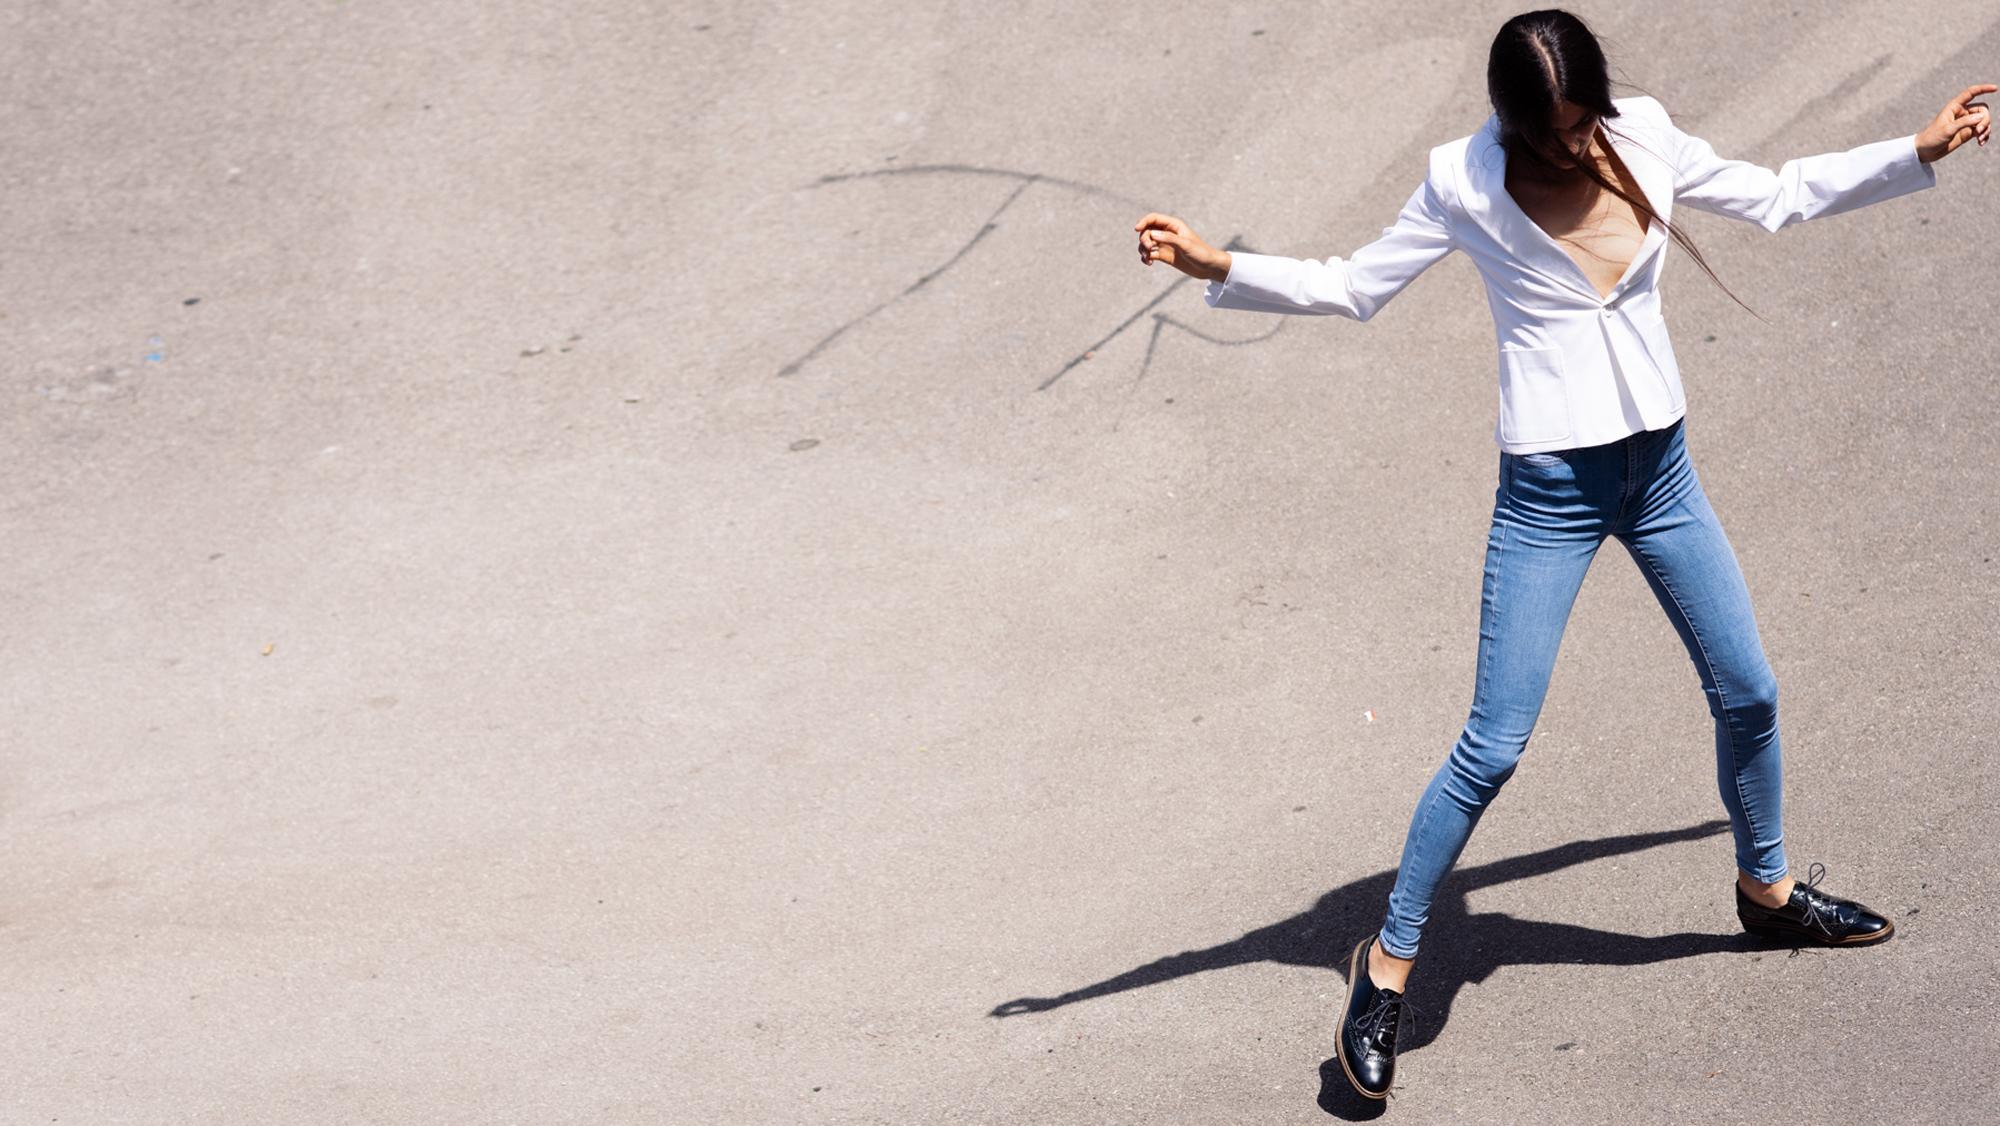 Fashion-Fotograf, Sedcard, Outdoor-Shooting, Sedcard-Shooting